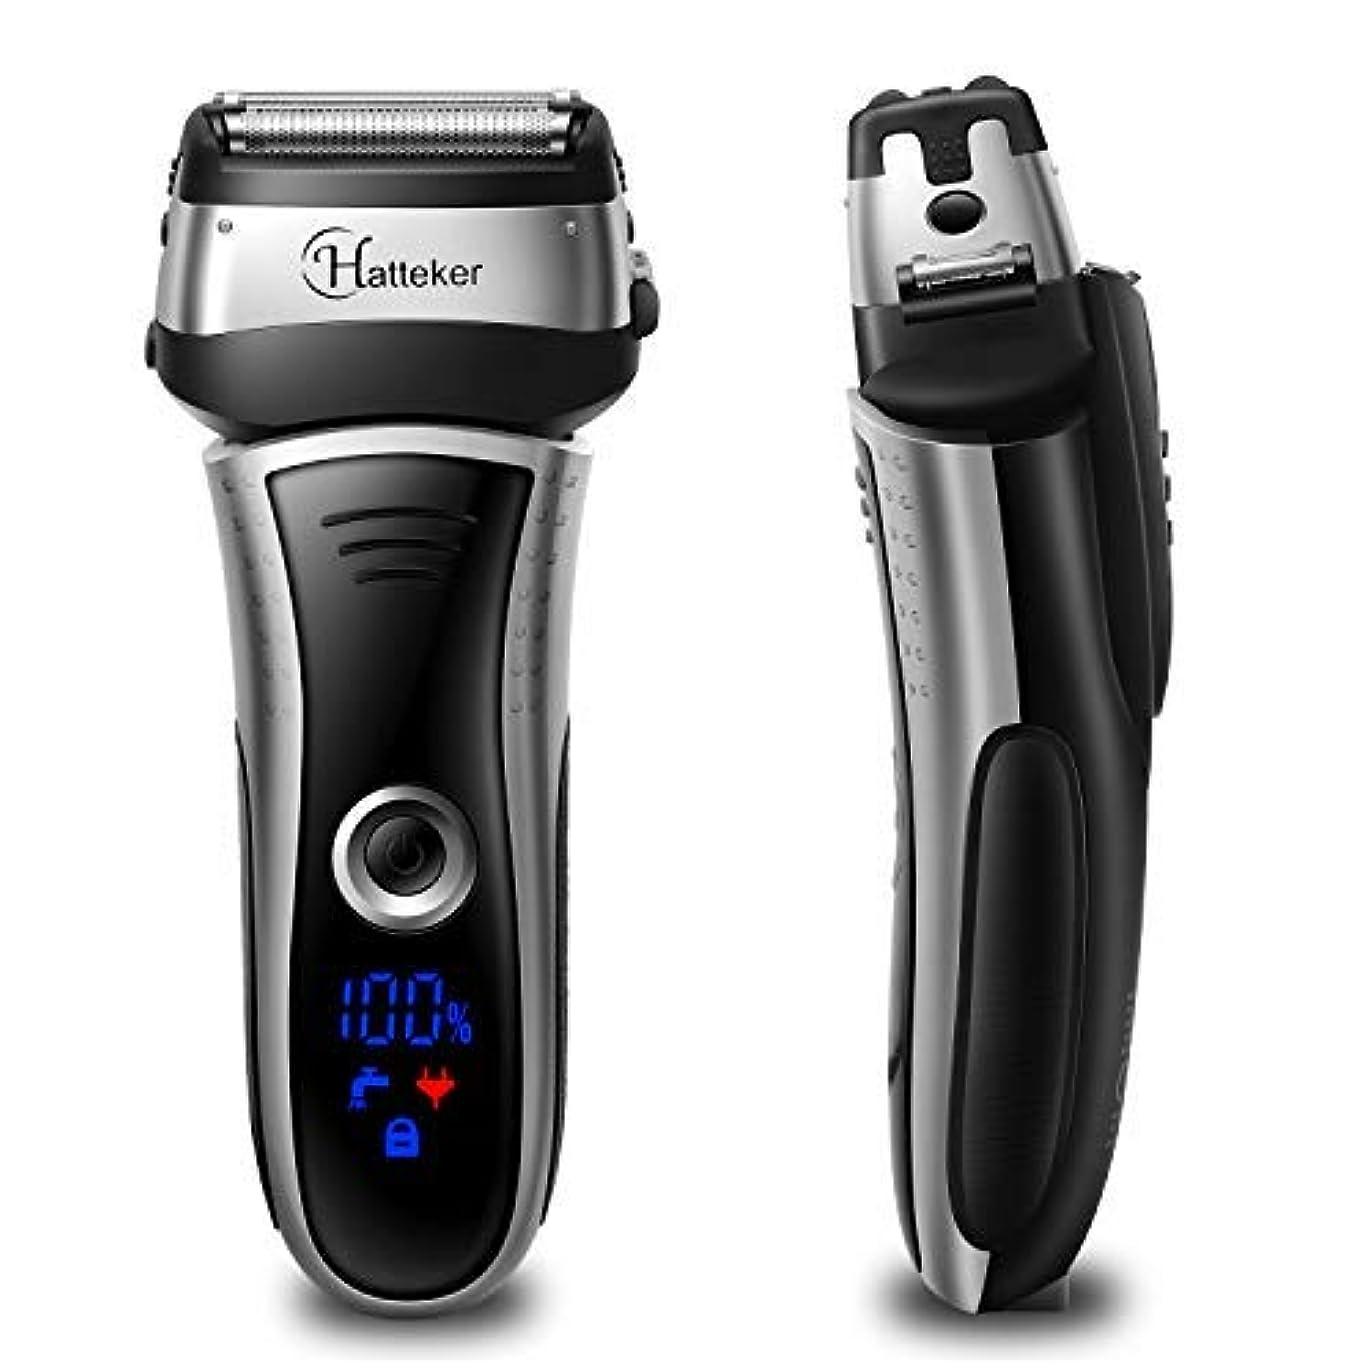 そばにペスト誓約HATTEKER メンズシェーバー ひげそり 電動髭剃り 往復式シェーバー 3枚刃 USB充電式 LEDディスプレイ お風呂剃り & 丸洗可 替刃付きブラック